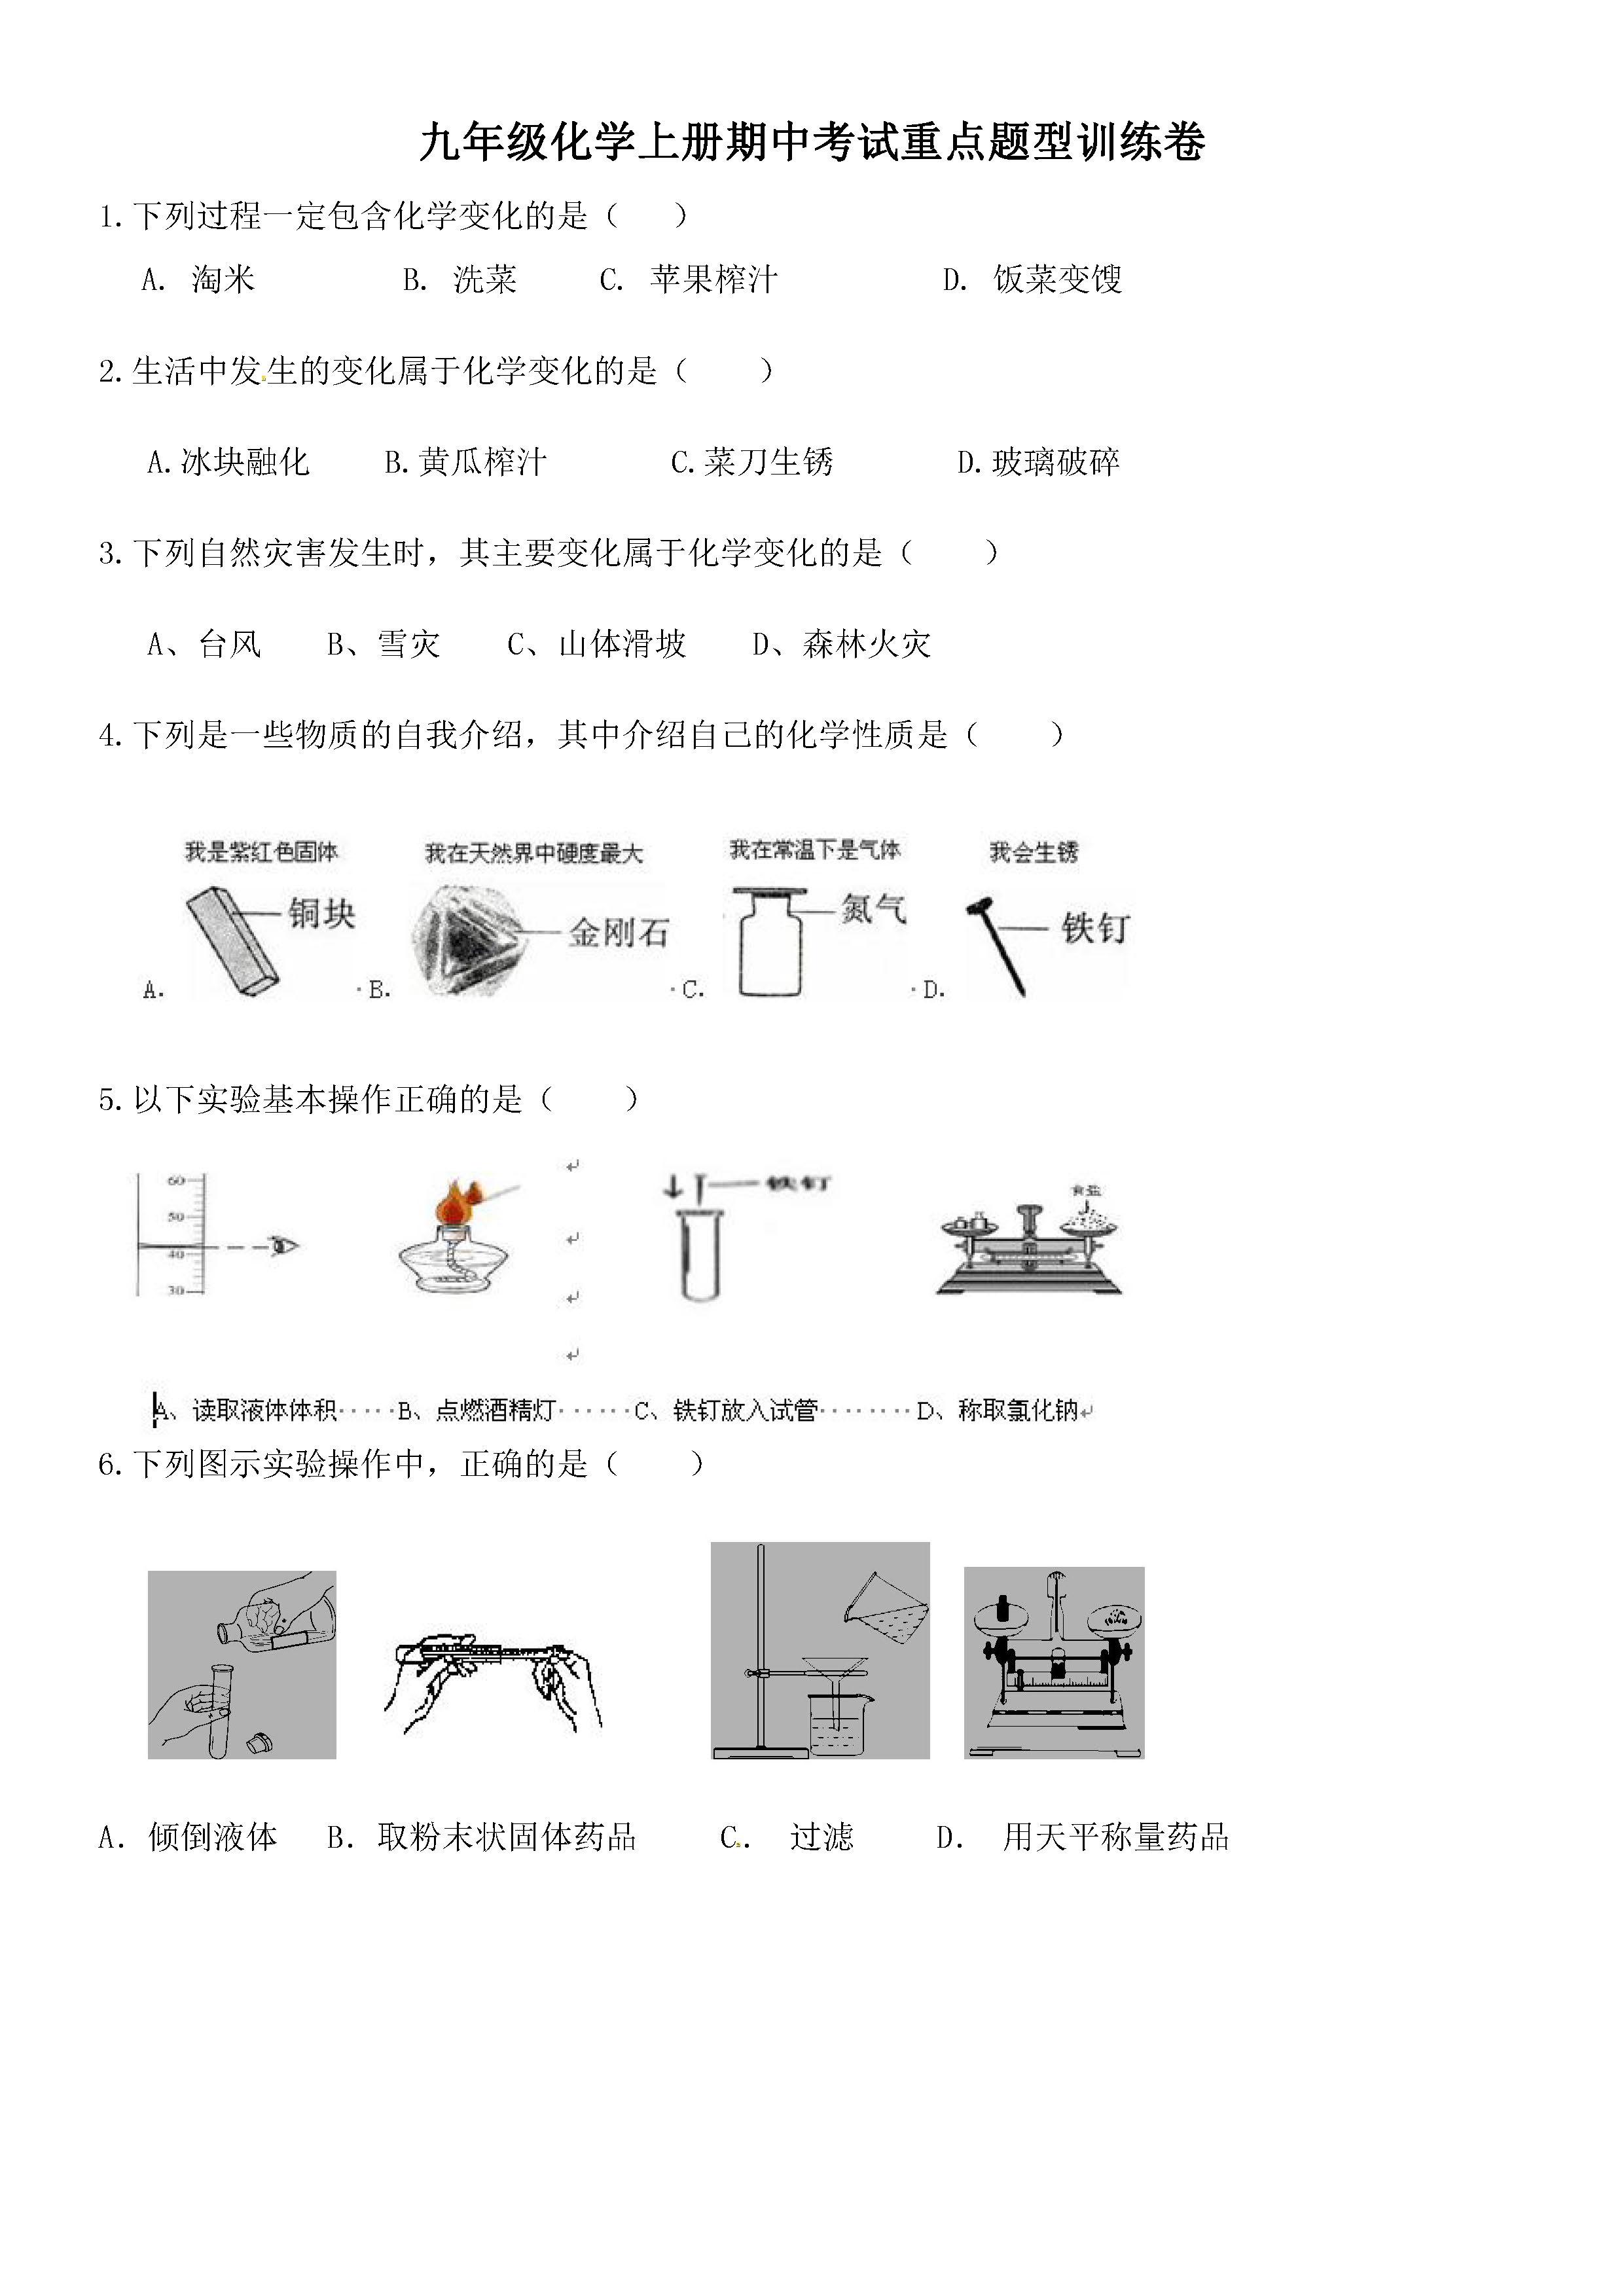 2019-2020汉川市官备塘中学初三期中化学模拟试题及答案(PDF下载版)